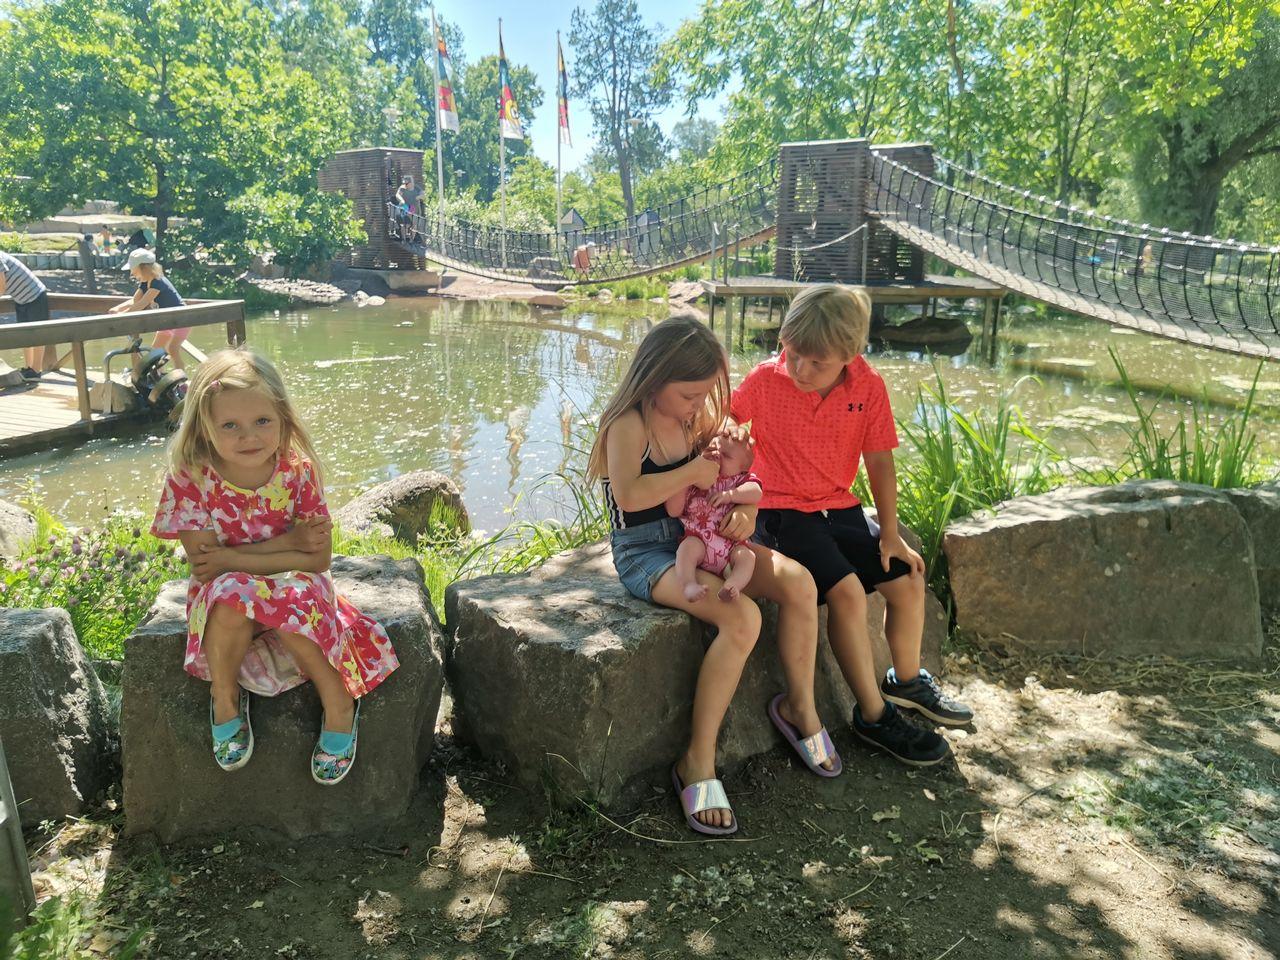 Seikkailupuisto sopii hyvin Matkakohteet lapsiperheille -suosituksiin.